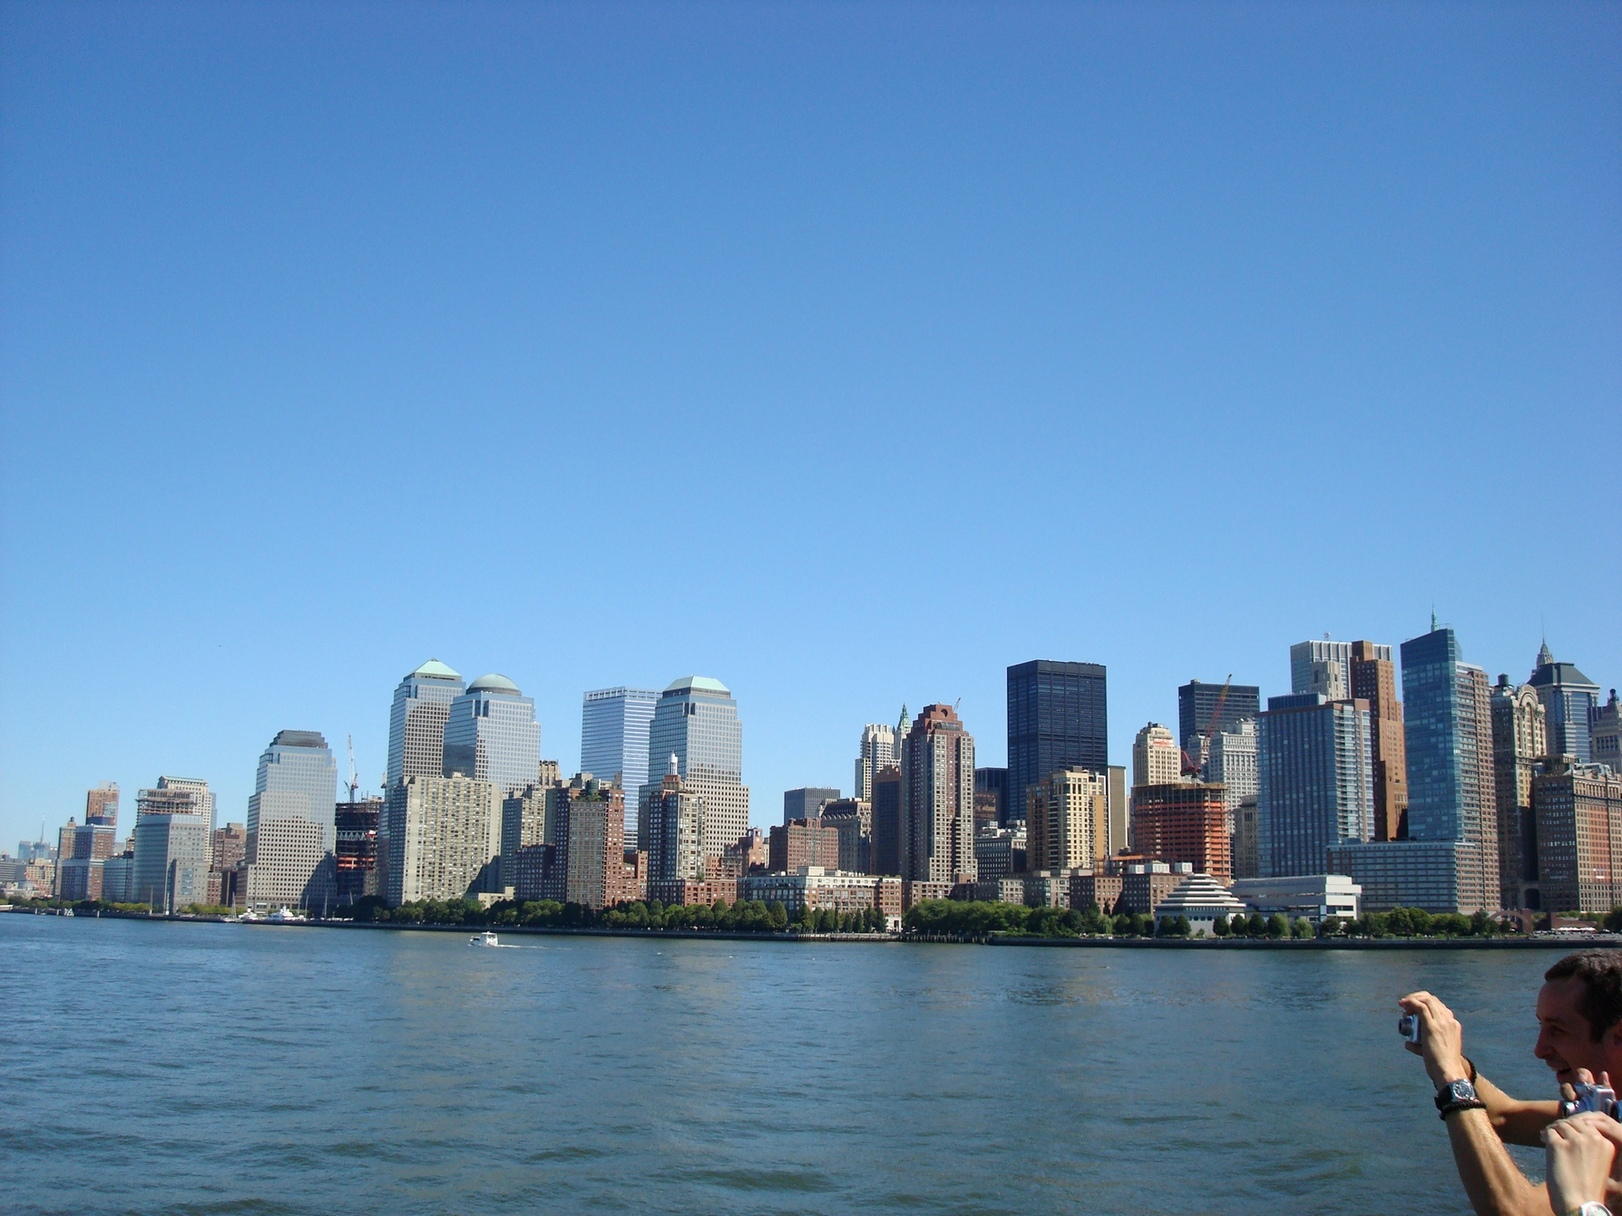 New York City_LowerManhattan's_Skyline_NewYorkHarbor